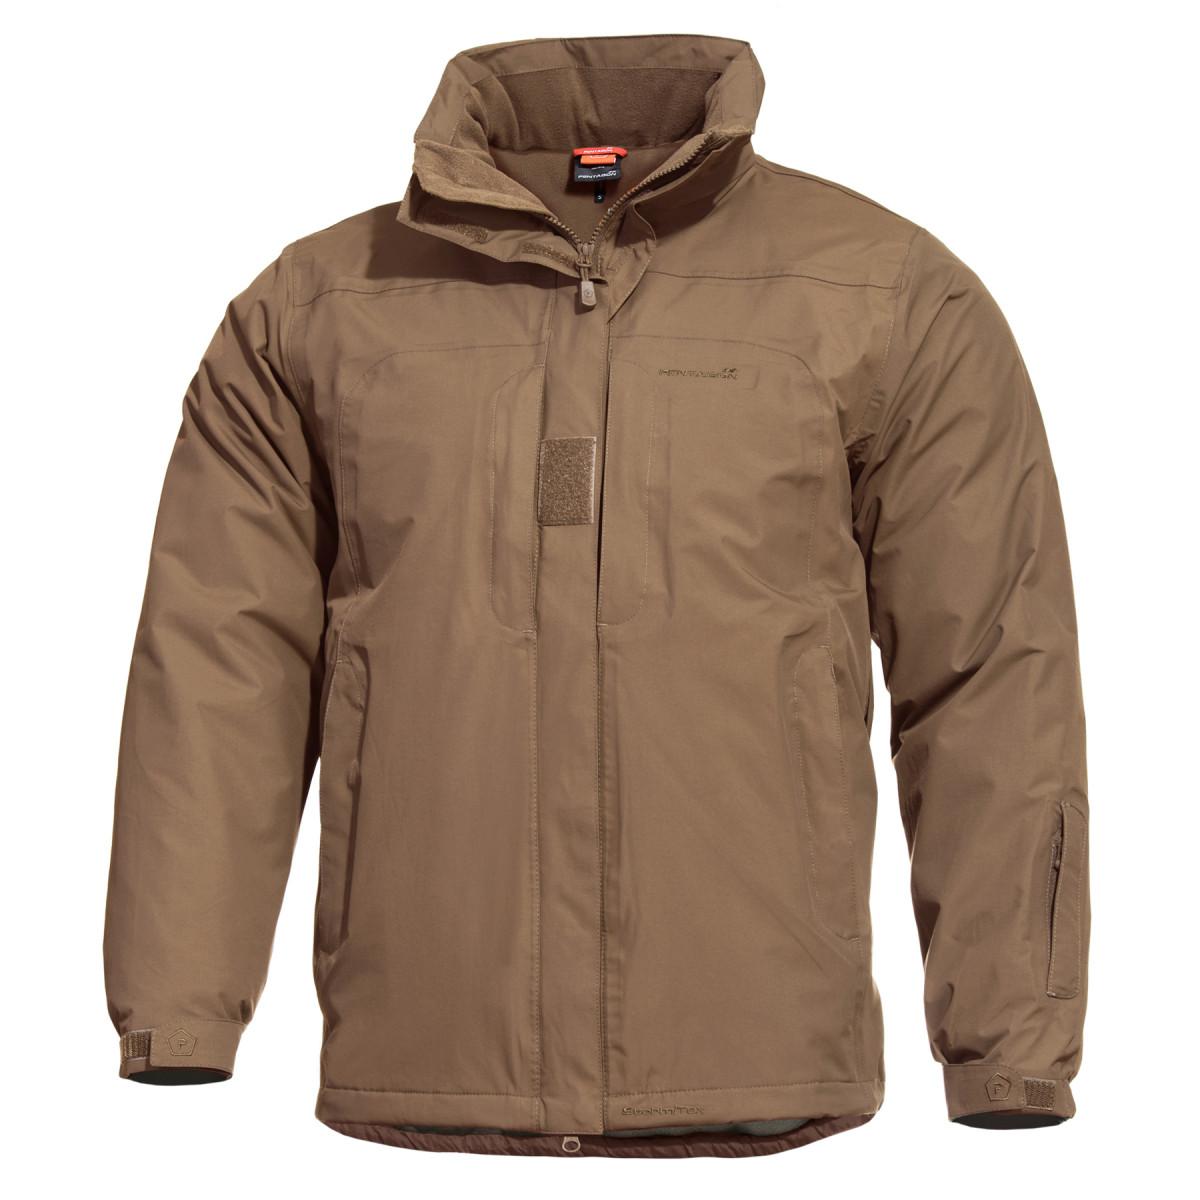 Куртка Зимова Pentagon Gen V Coyote Size L - купить по лучшей цене в ... 23cf1d13a77f2